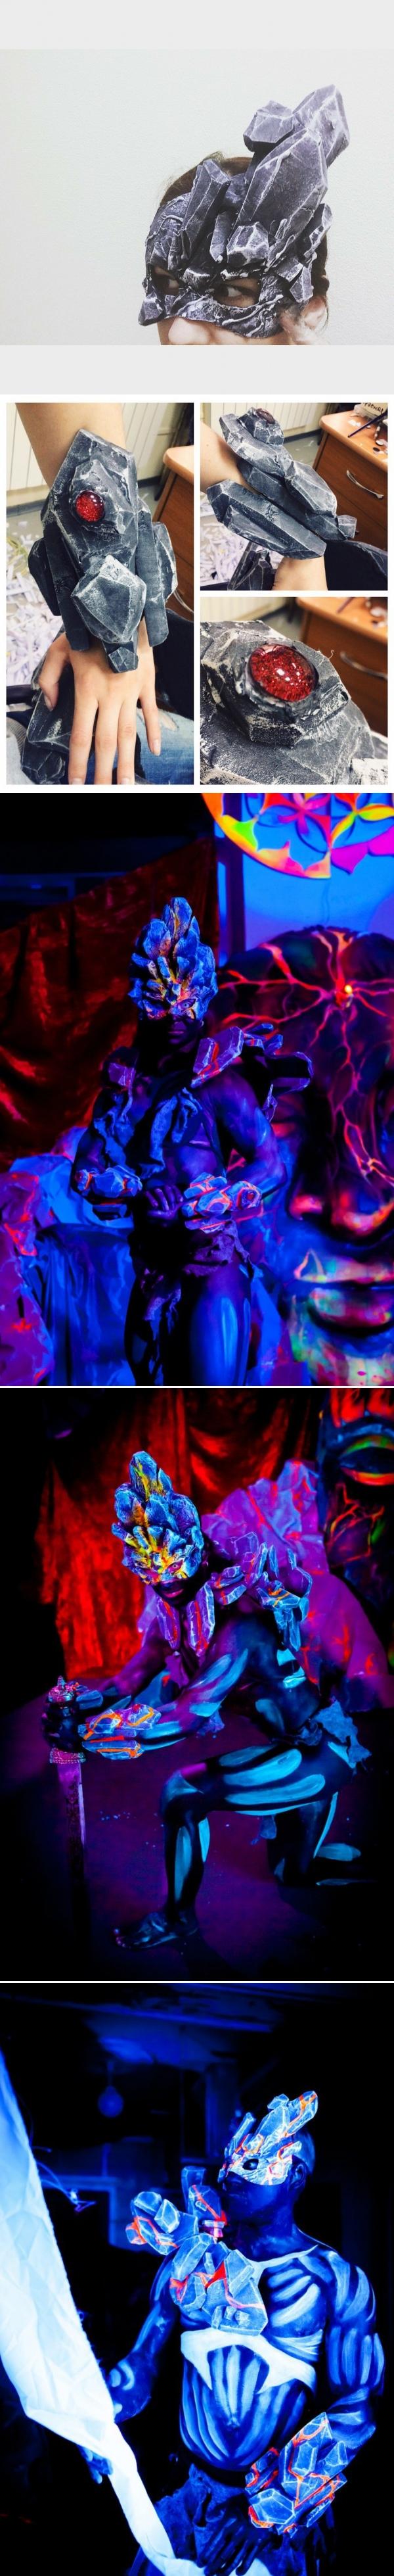 Мои маски и элементы костюма для Титанов. Маска, Бутафория, Костюм, Шоу, Флуоресценция, Ручная работа, Litmade, Имитация камня, Длиннопост